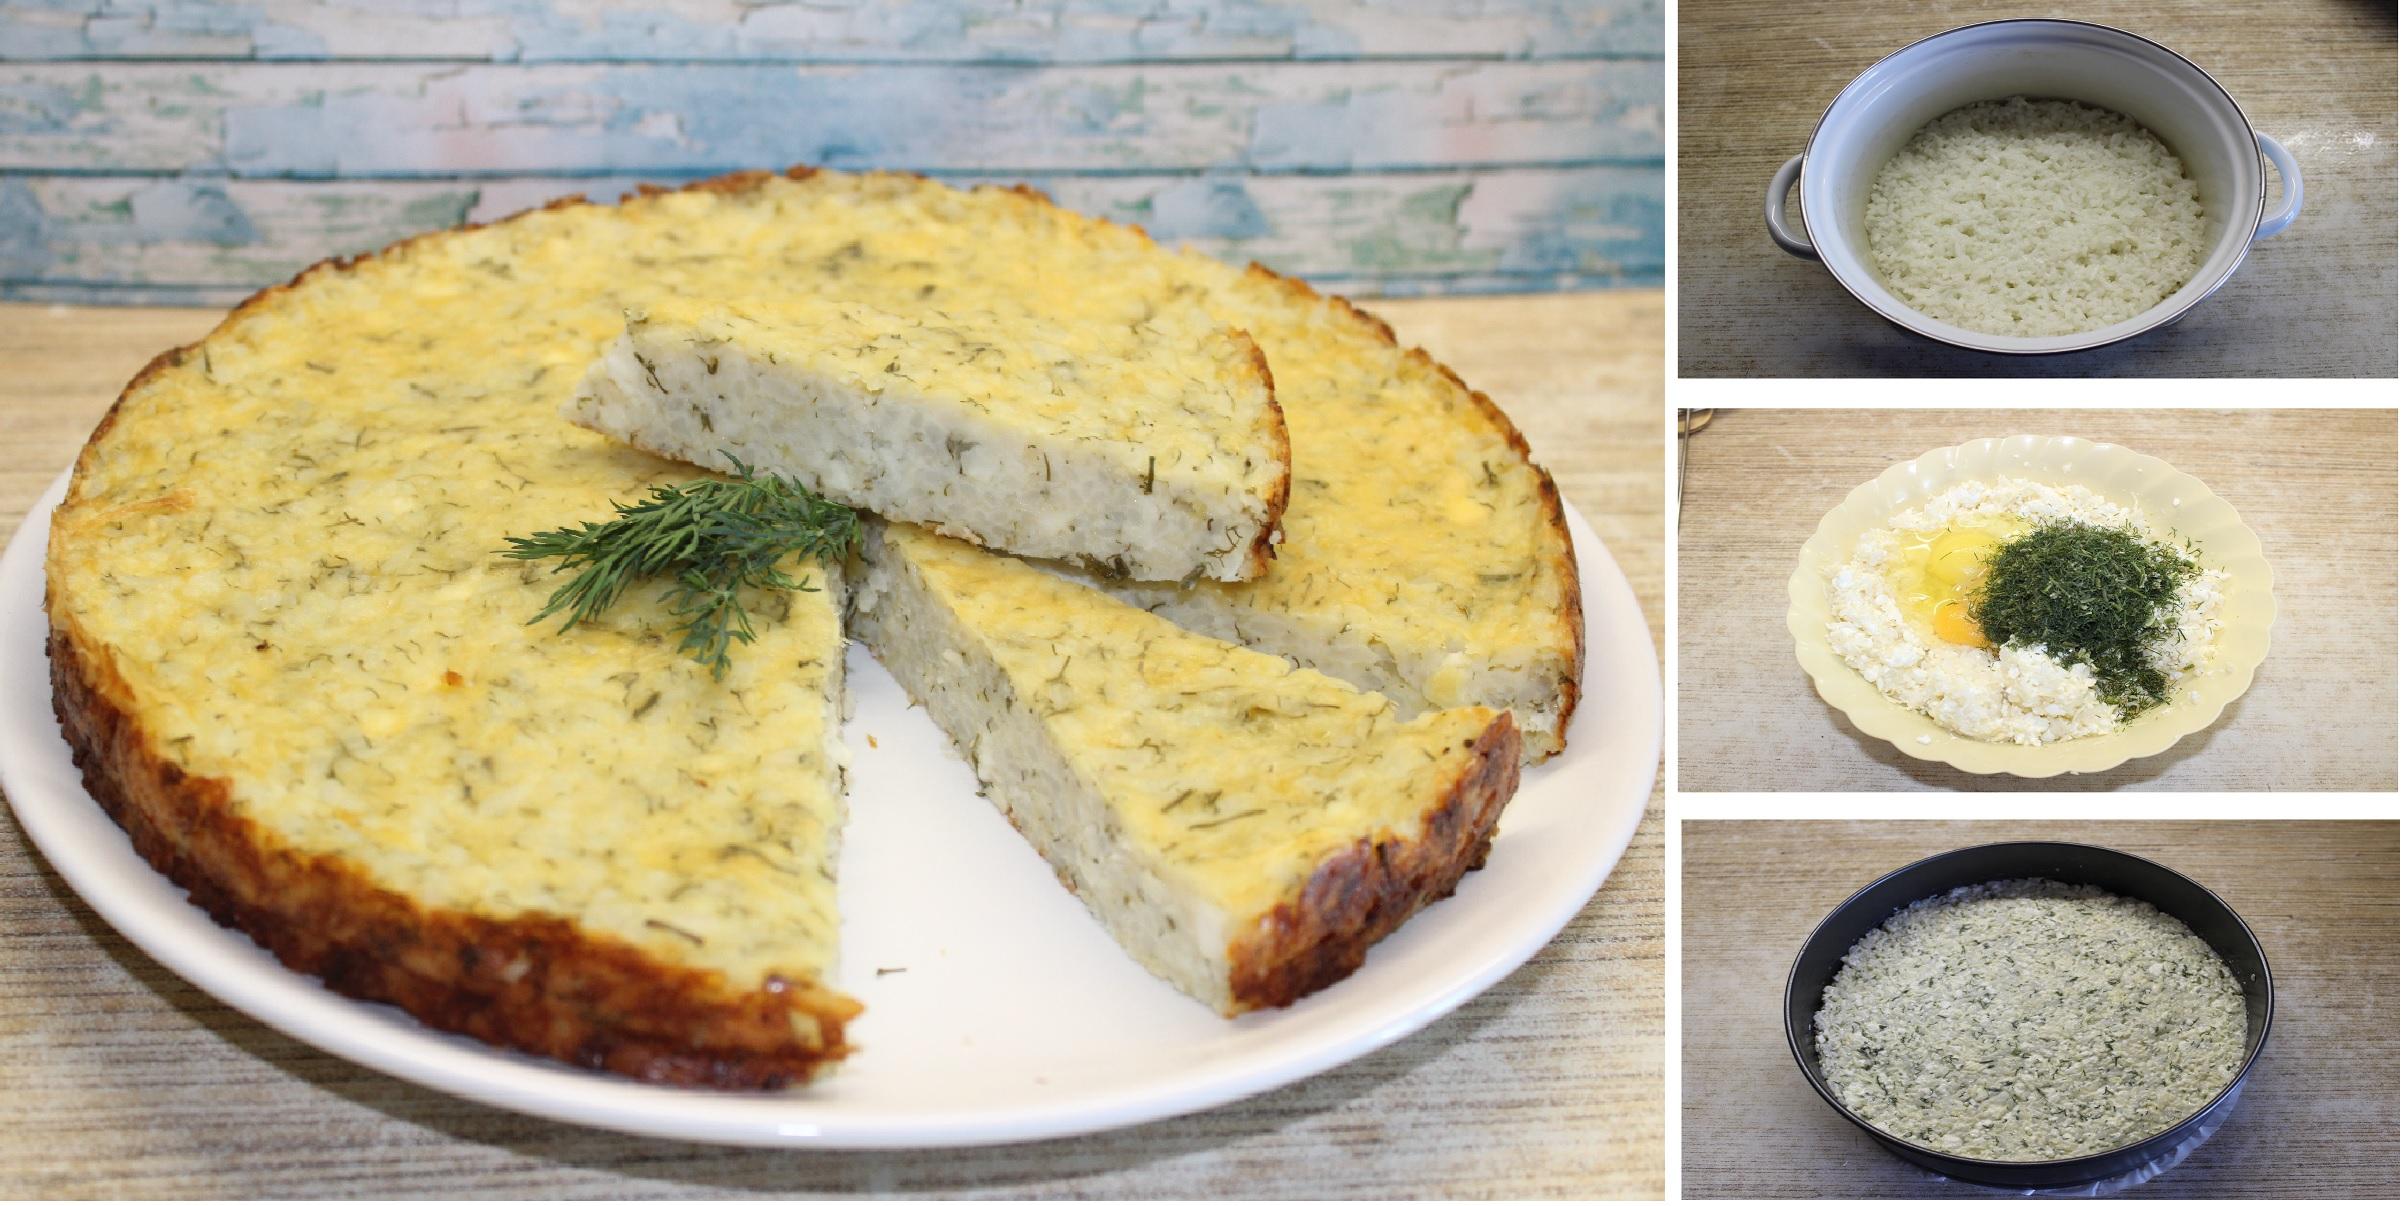 Рисовая лепешка с творогом и зеленью: пошаговый фото рецепт